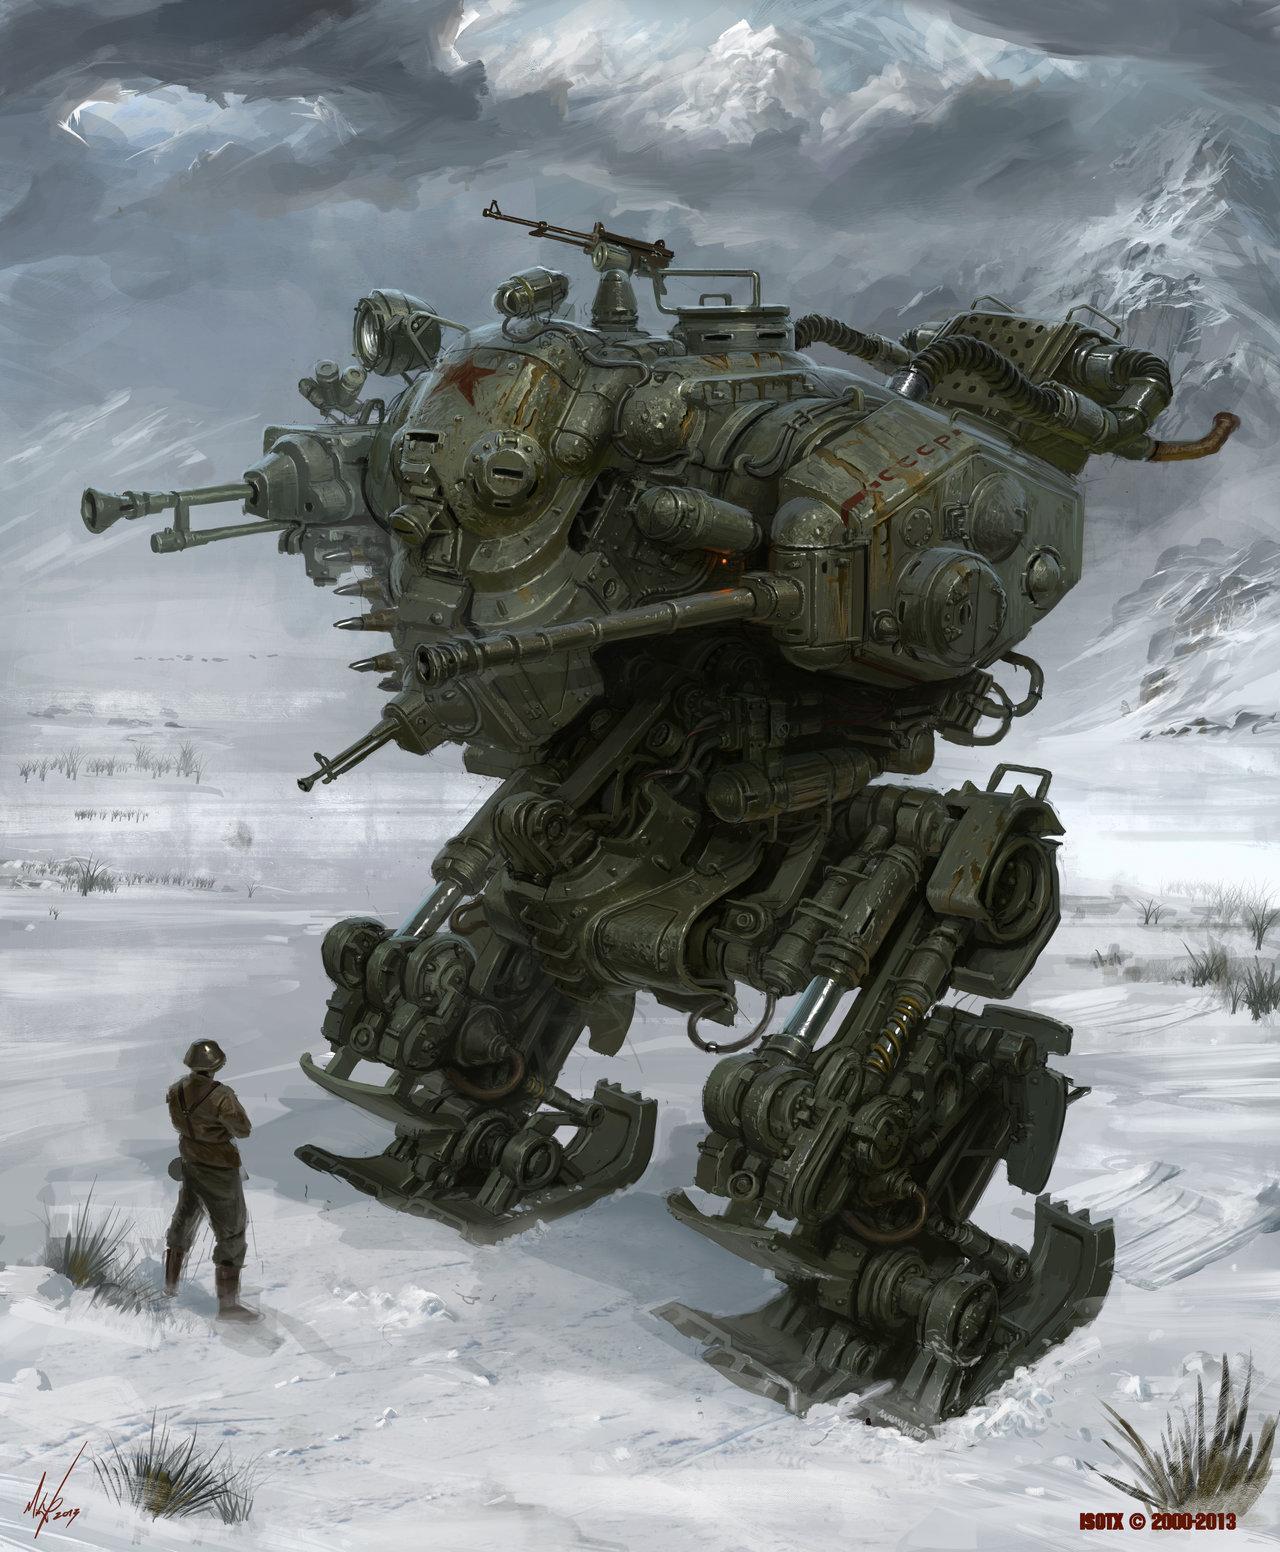 Diesel Punk, Mecha, Soviet, Steam Punk, Walker, Wierd War Ii, World War 2, Wwi